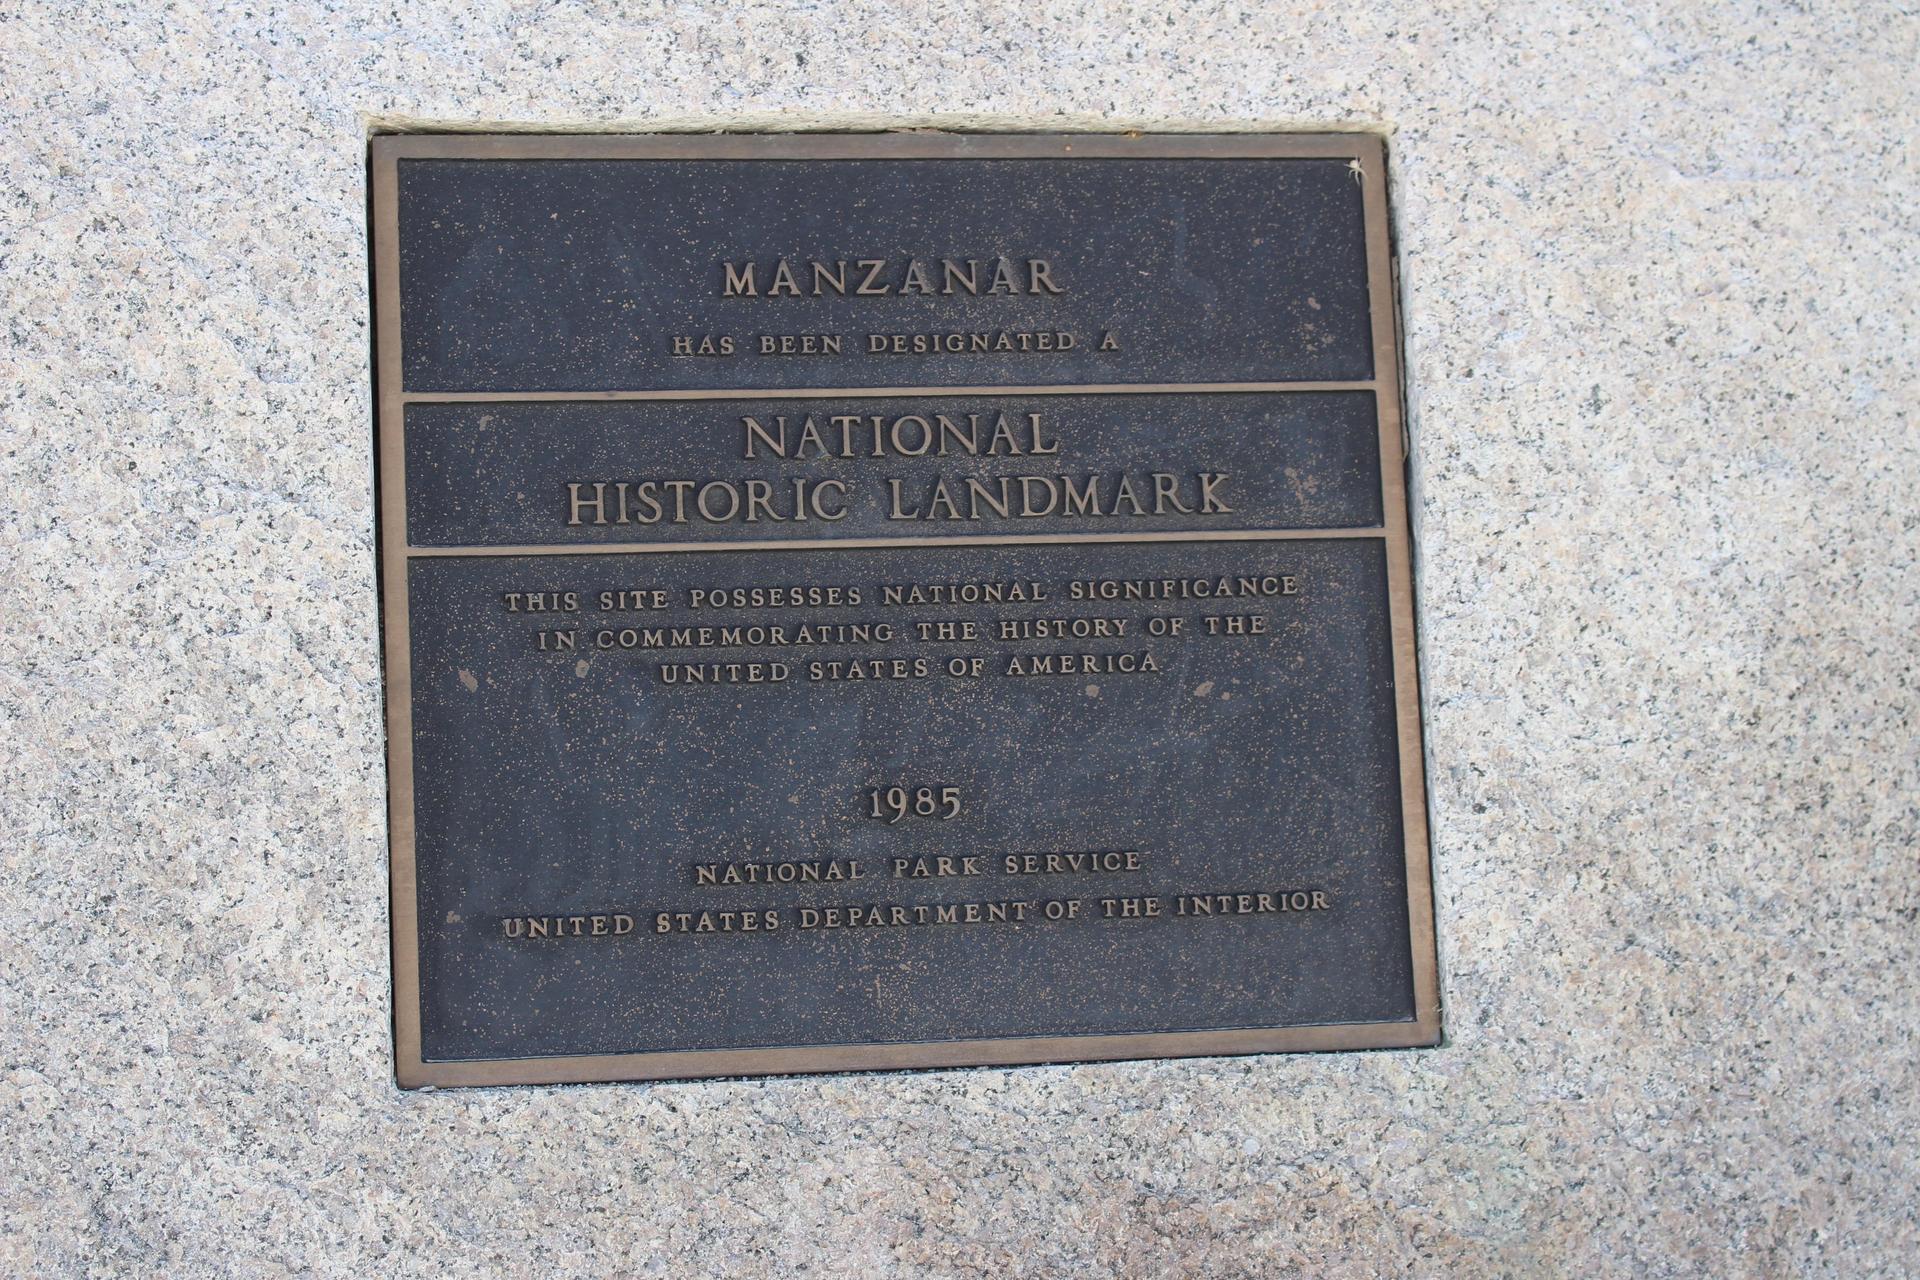 Plaque dedicating Manzanar